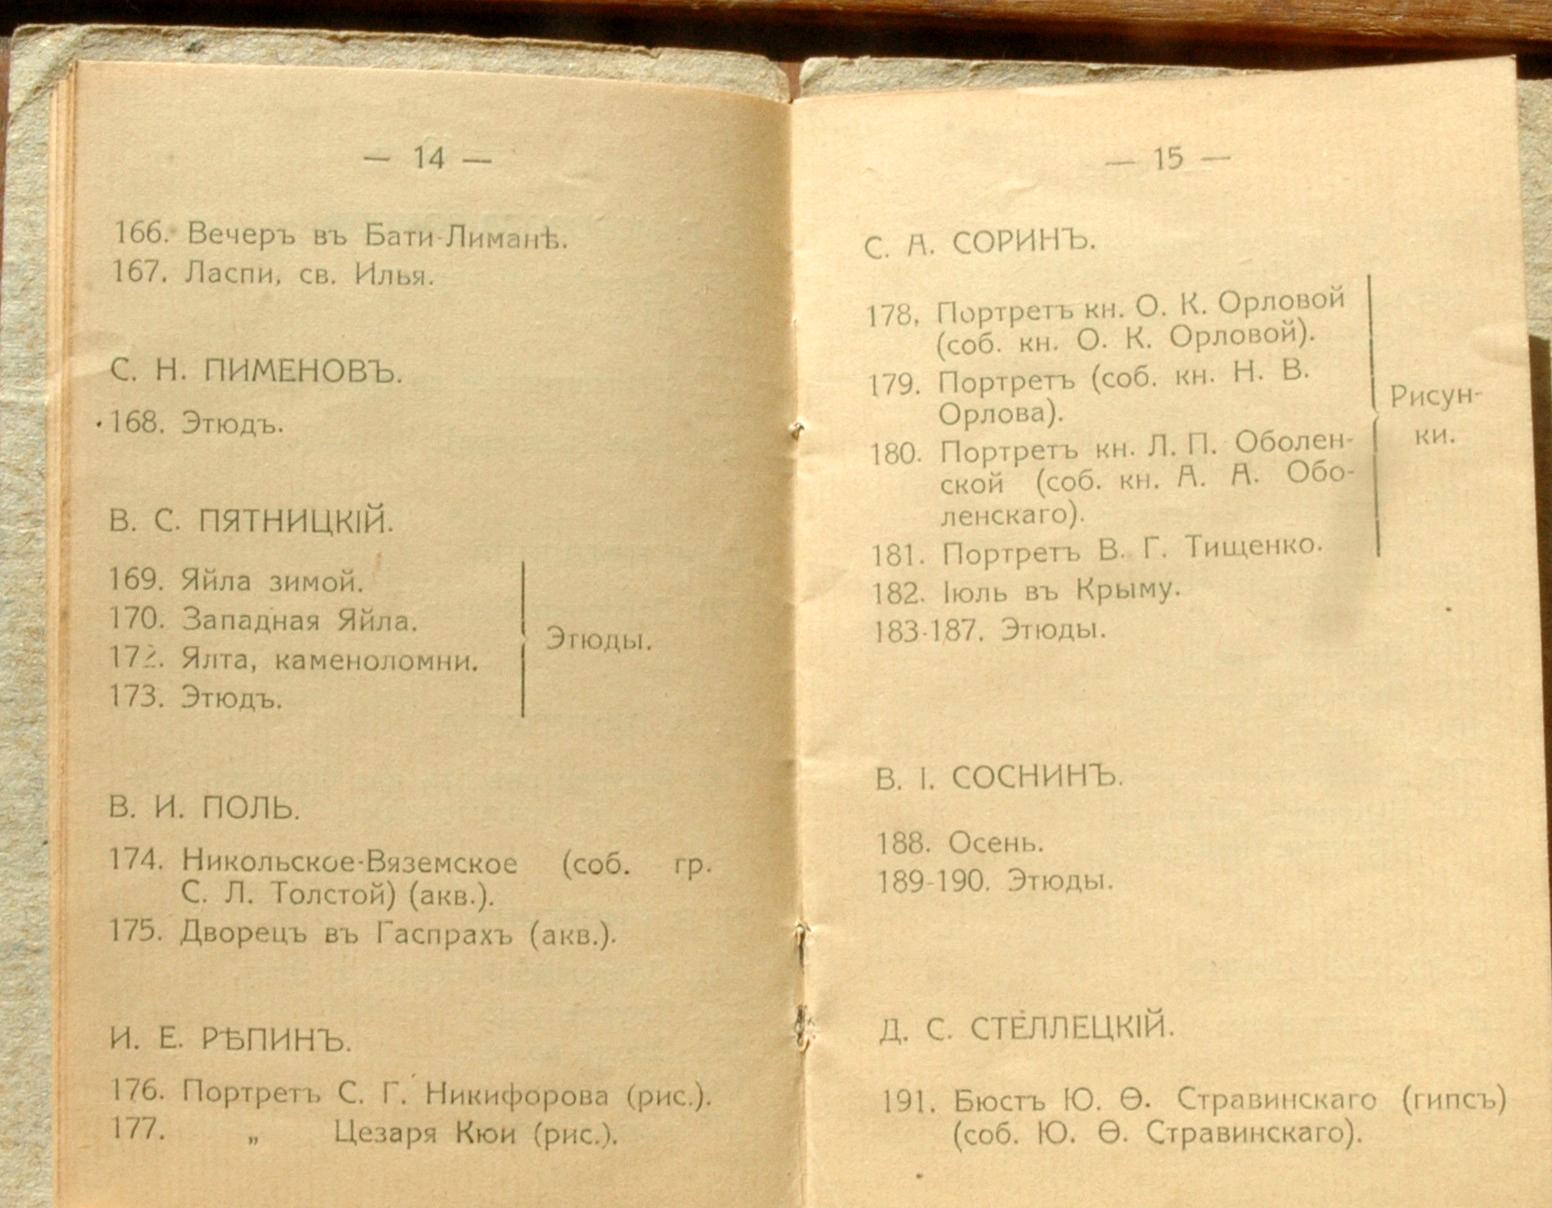 iskusstvo-v-krymu_1918_14-15_DSC_0626